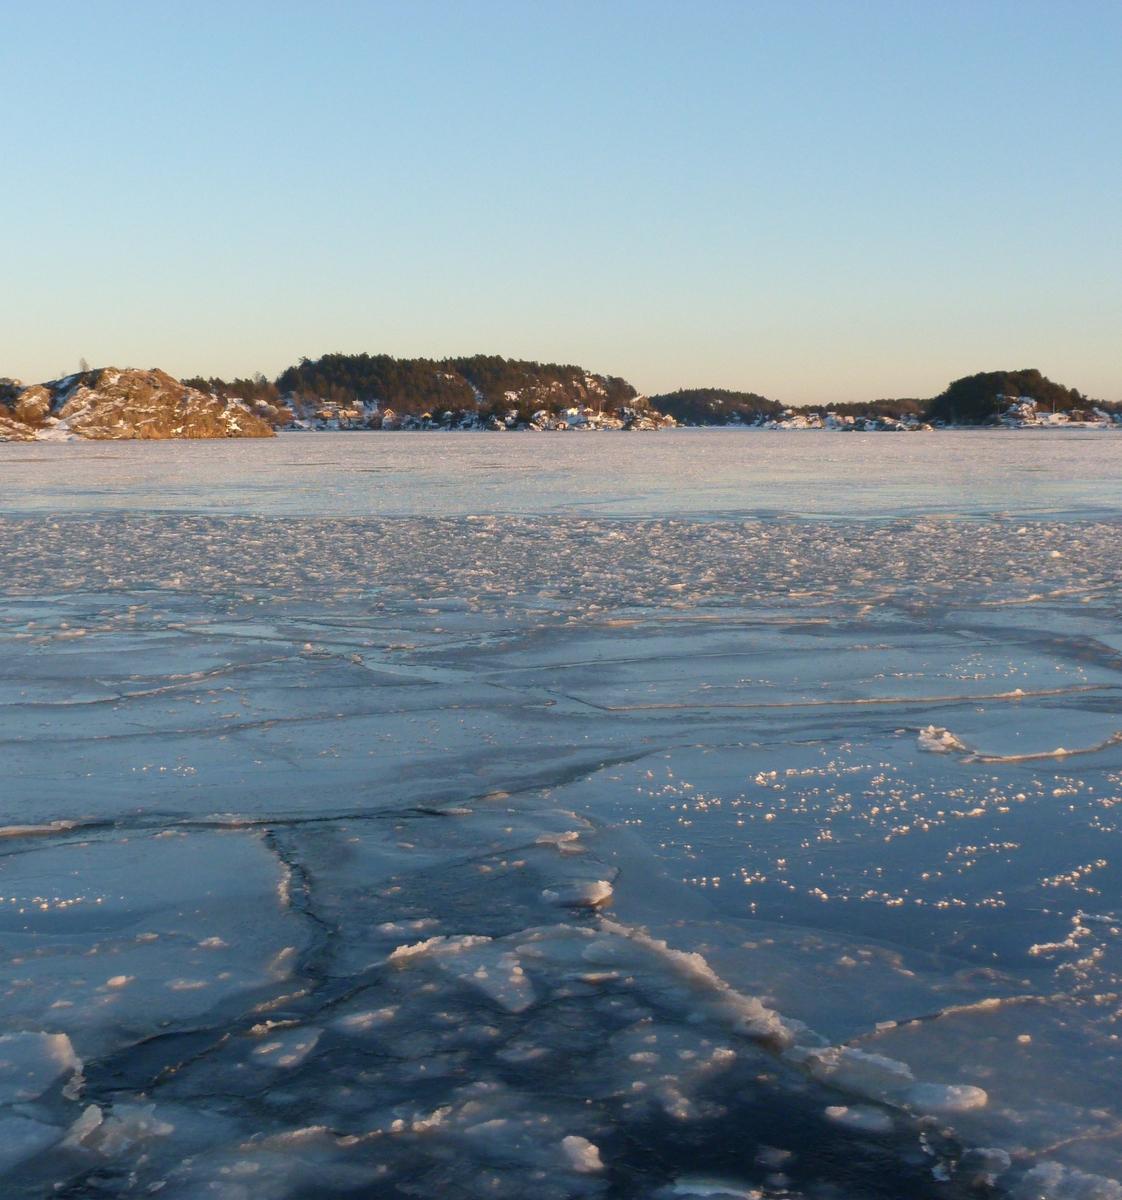 Isen legger seg på fjorden. Tatt fra Naus mellom Kragerø og Stabbestad.  22. januar 2013. Solnedgang.